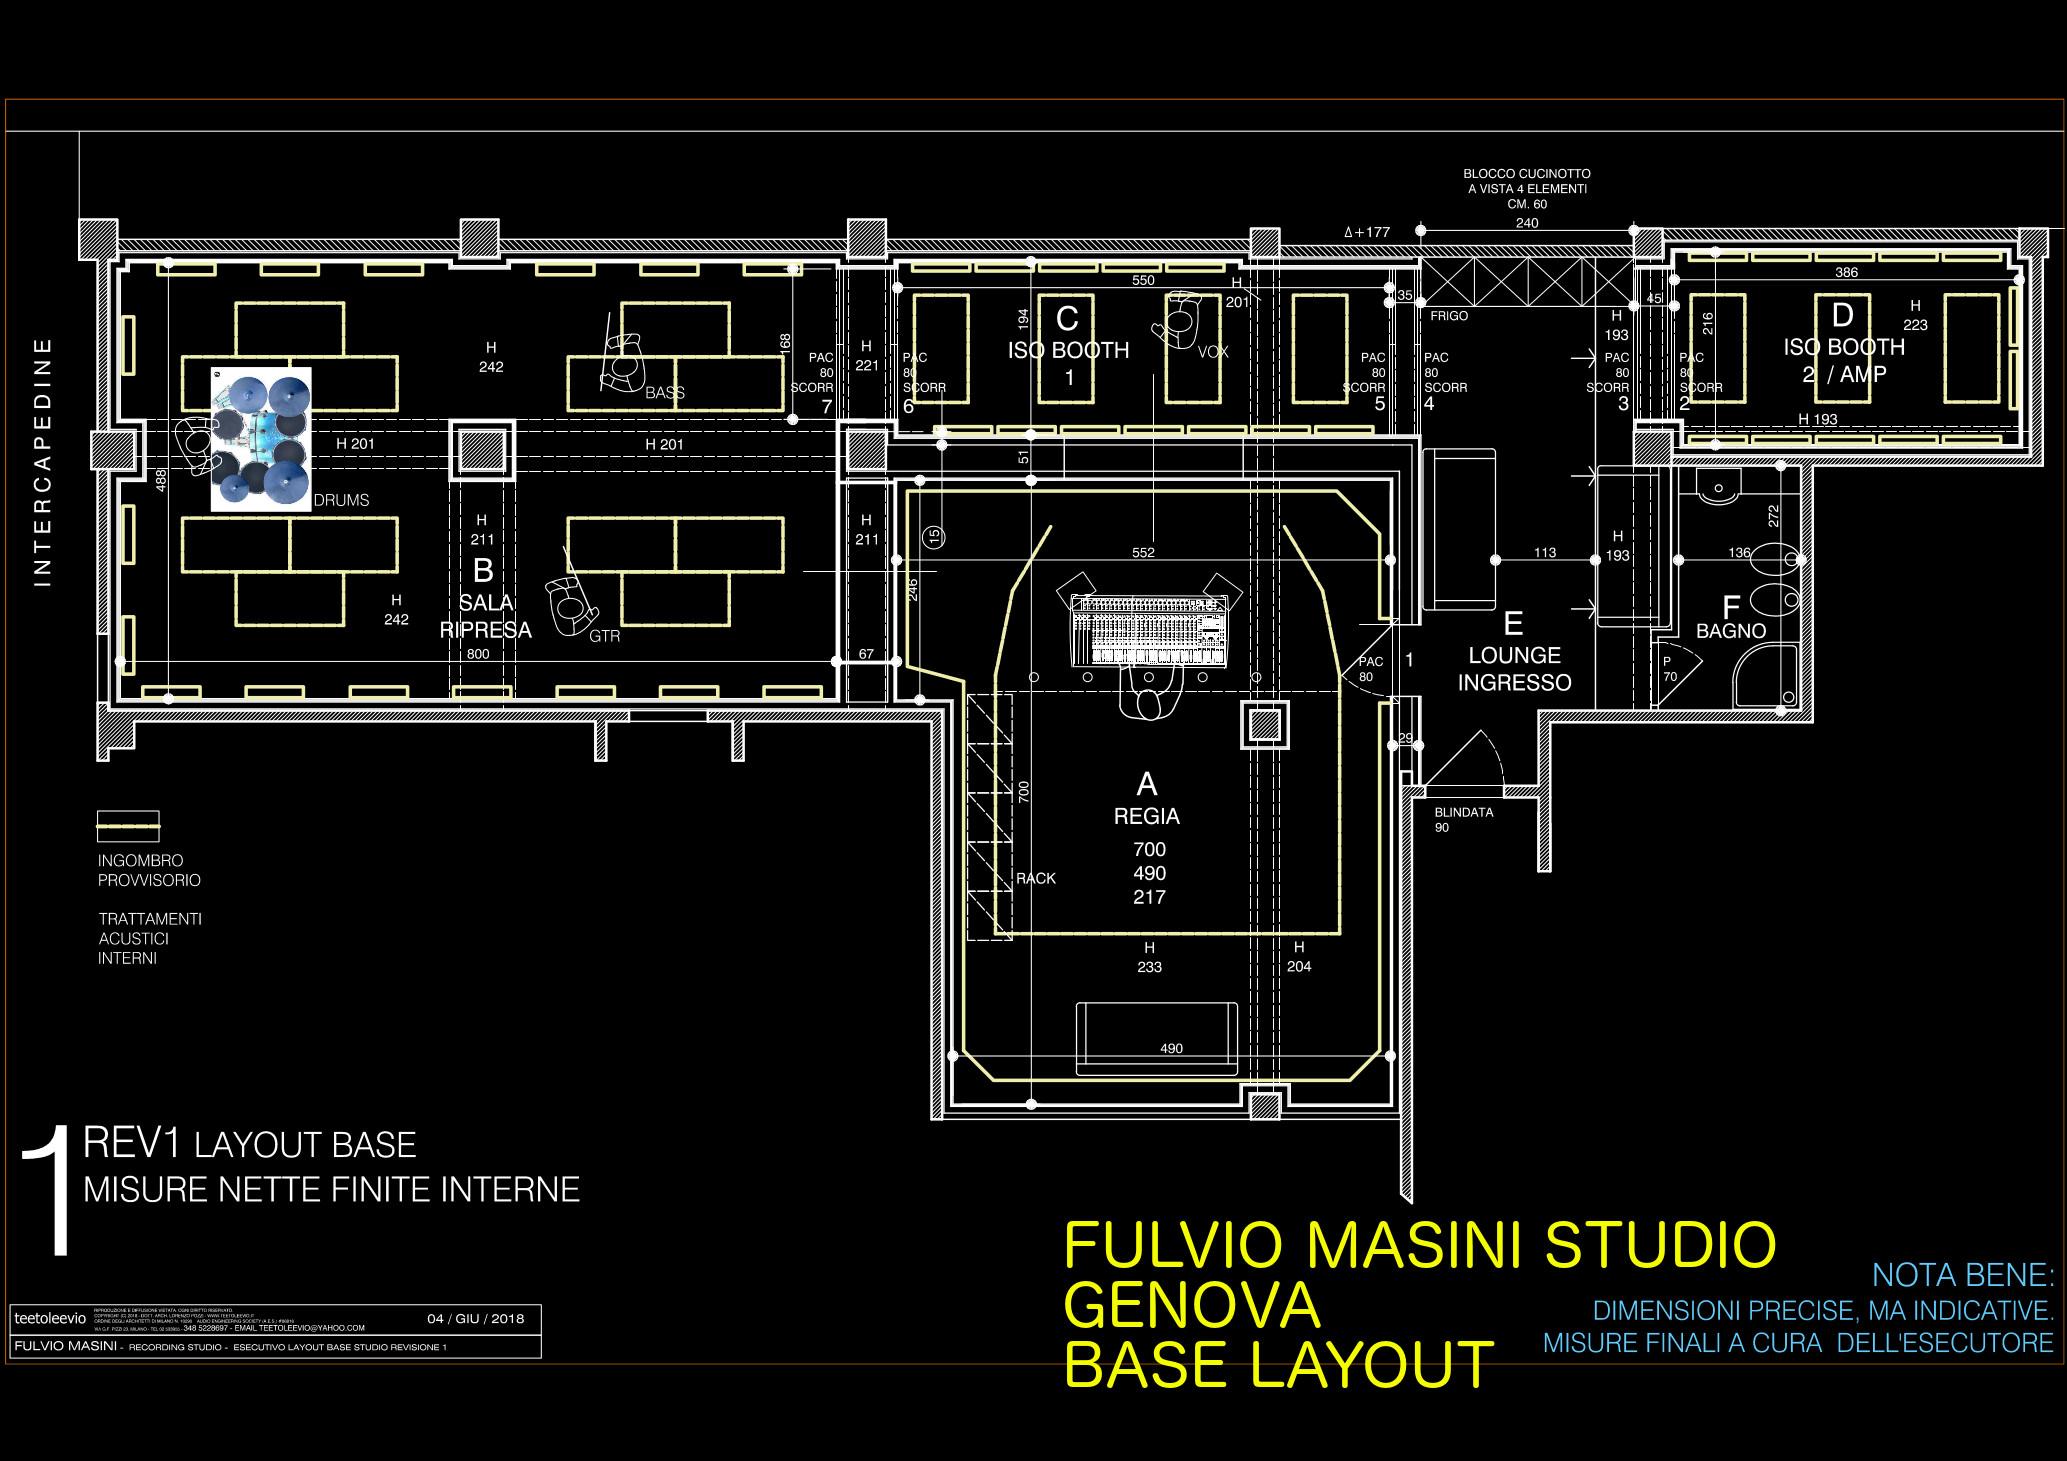 disegno pavimento flottante studio registrazione